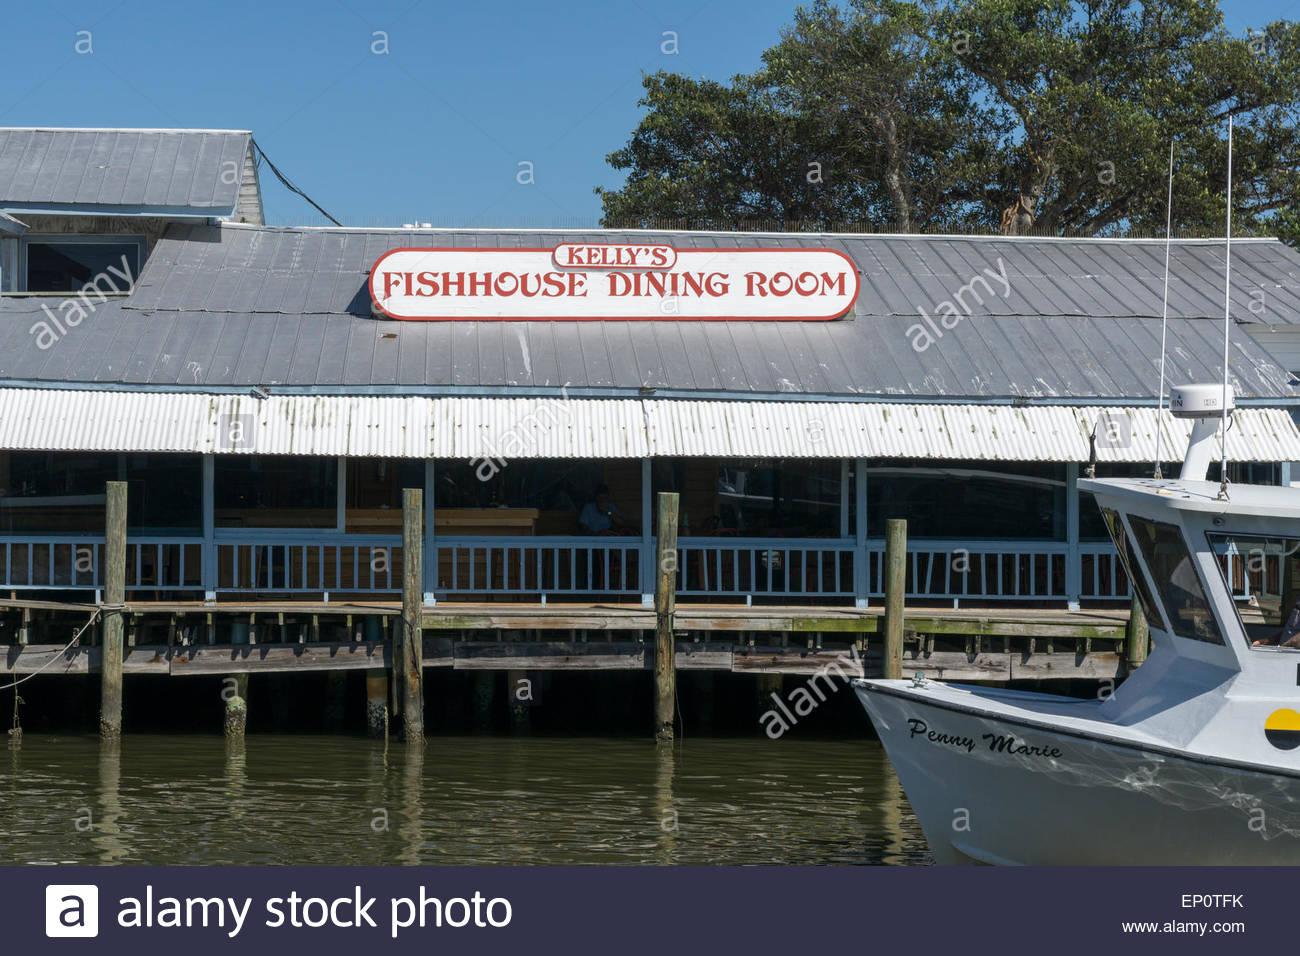 Kelly 39 s fishhouse restaurant on the gordon river in naples for Fish restaurant naples